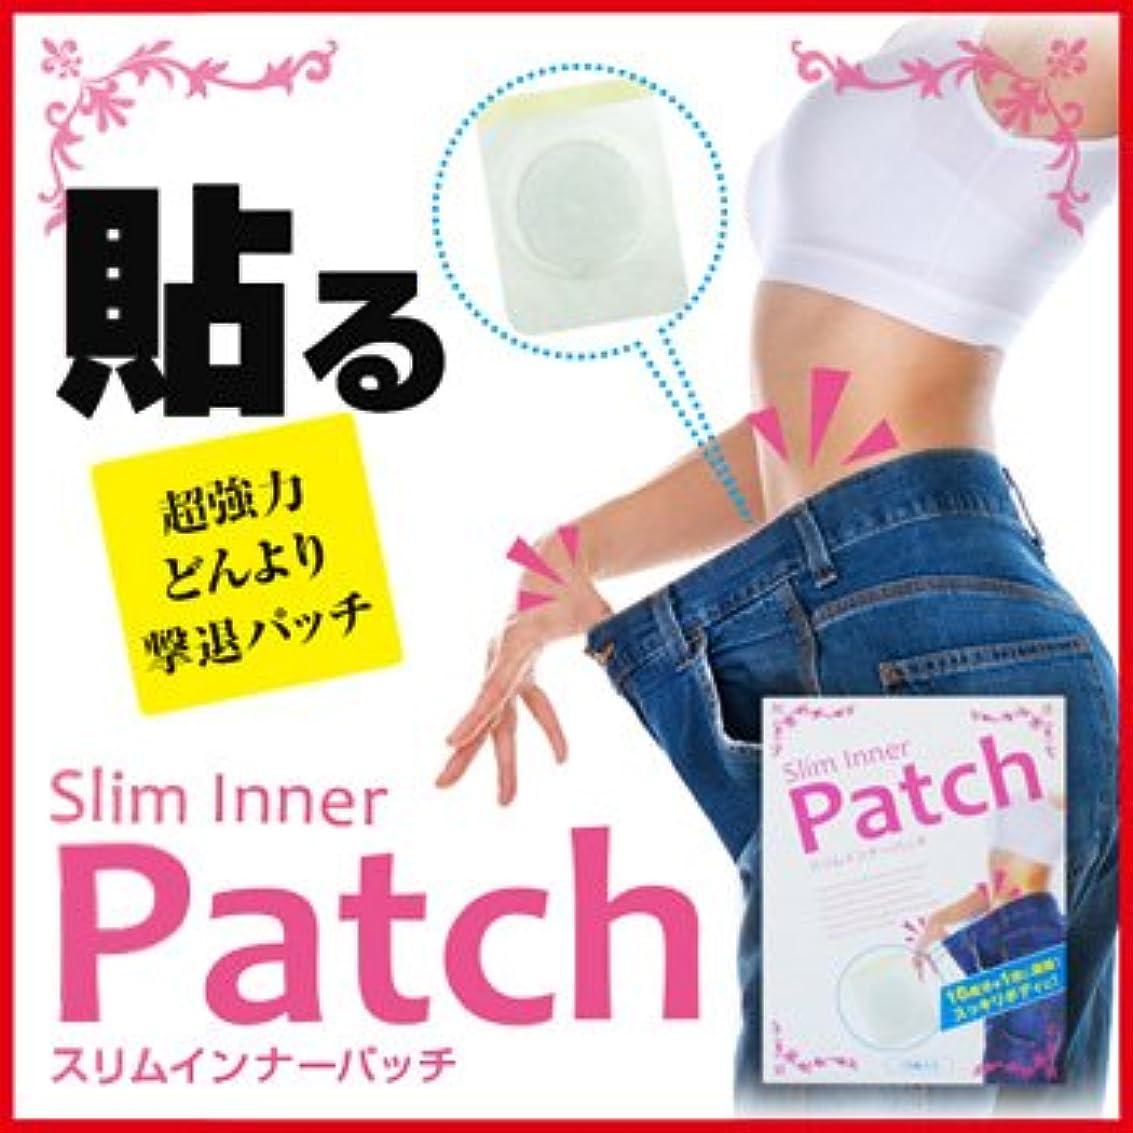 ピラミッド速報玉Slim inner Patch(スリムインナーパッチ)